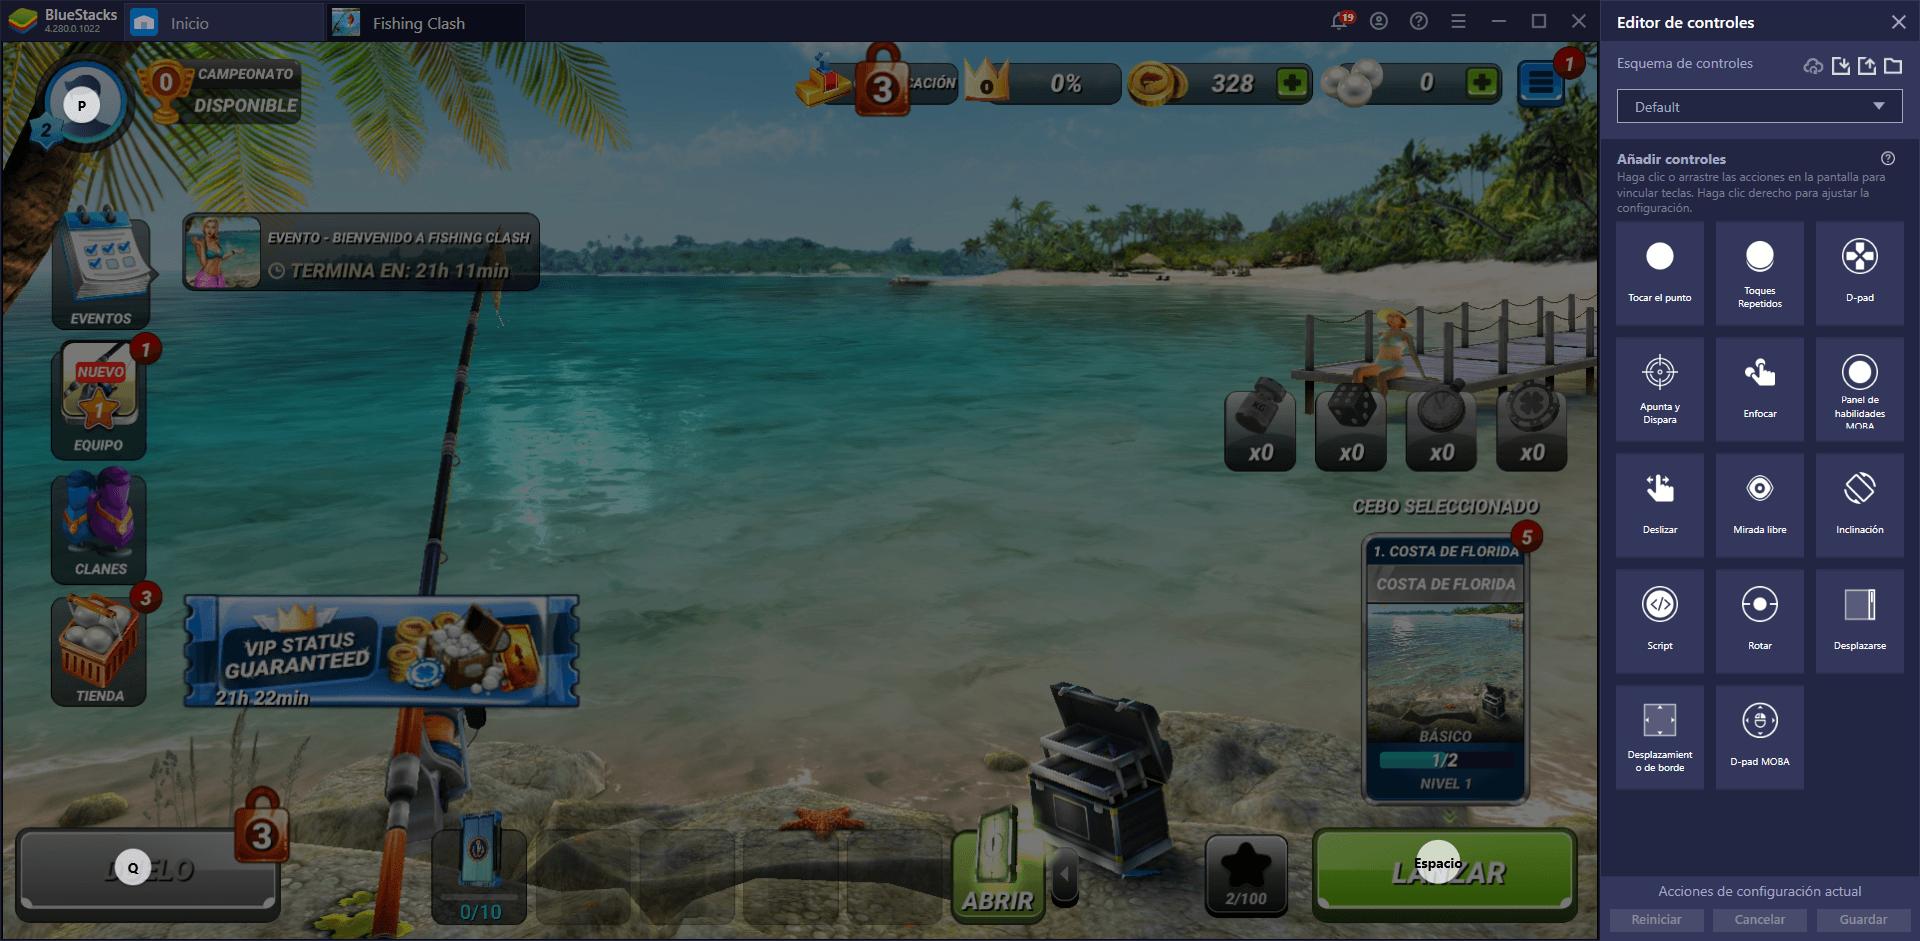 Cómo Jugar Fishing Clash en PC con BlueStacks